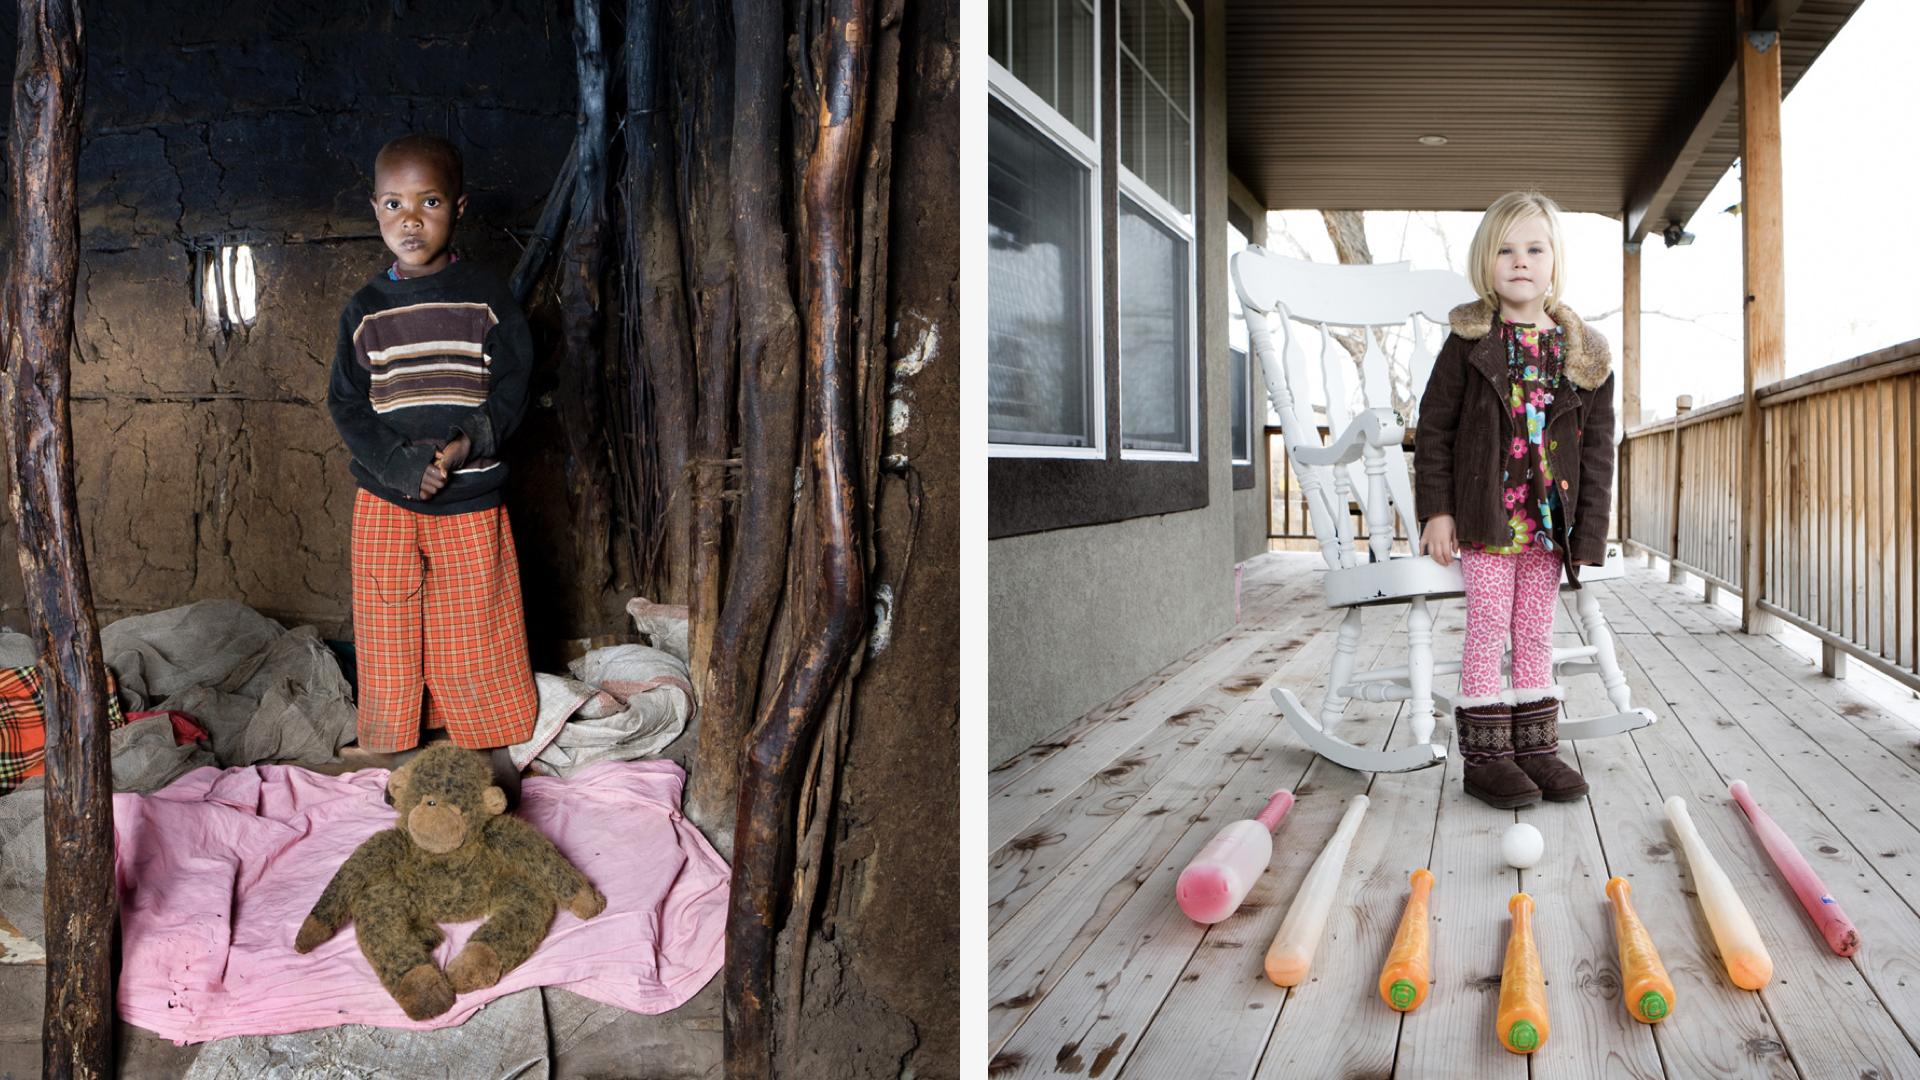 Fotógrafo viaja pelo mundo registrando crianças e seus brinquedos